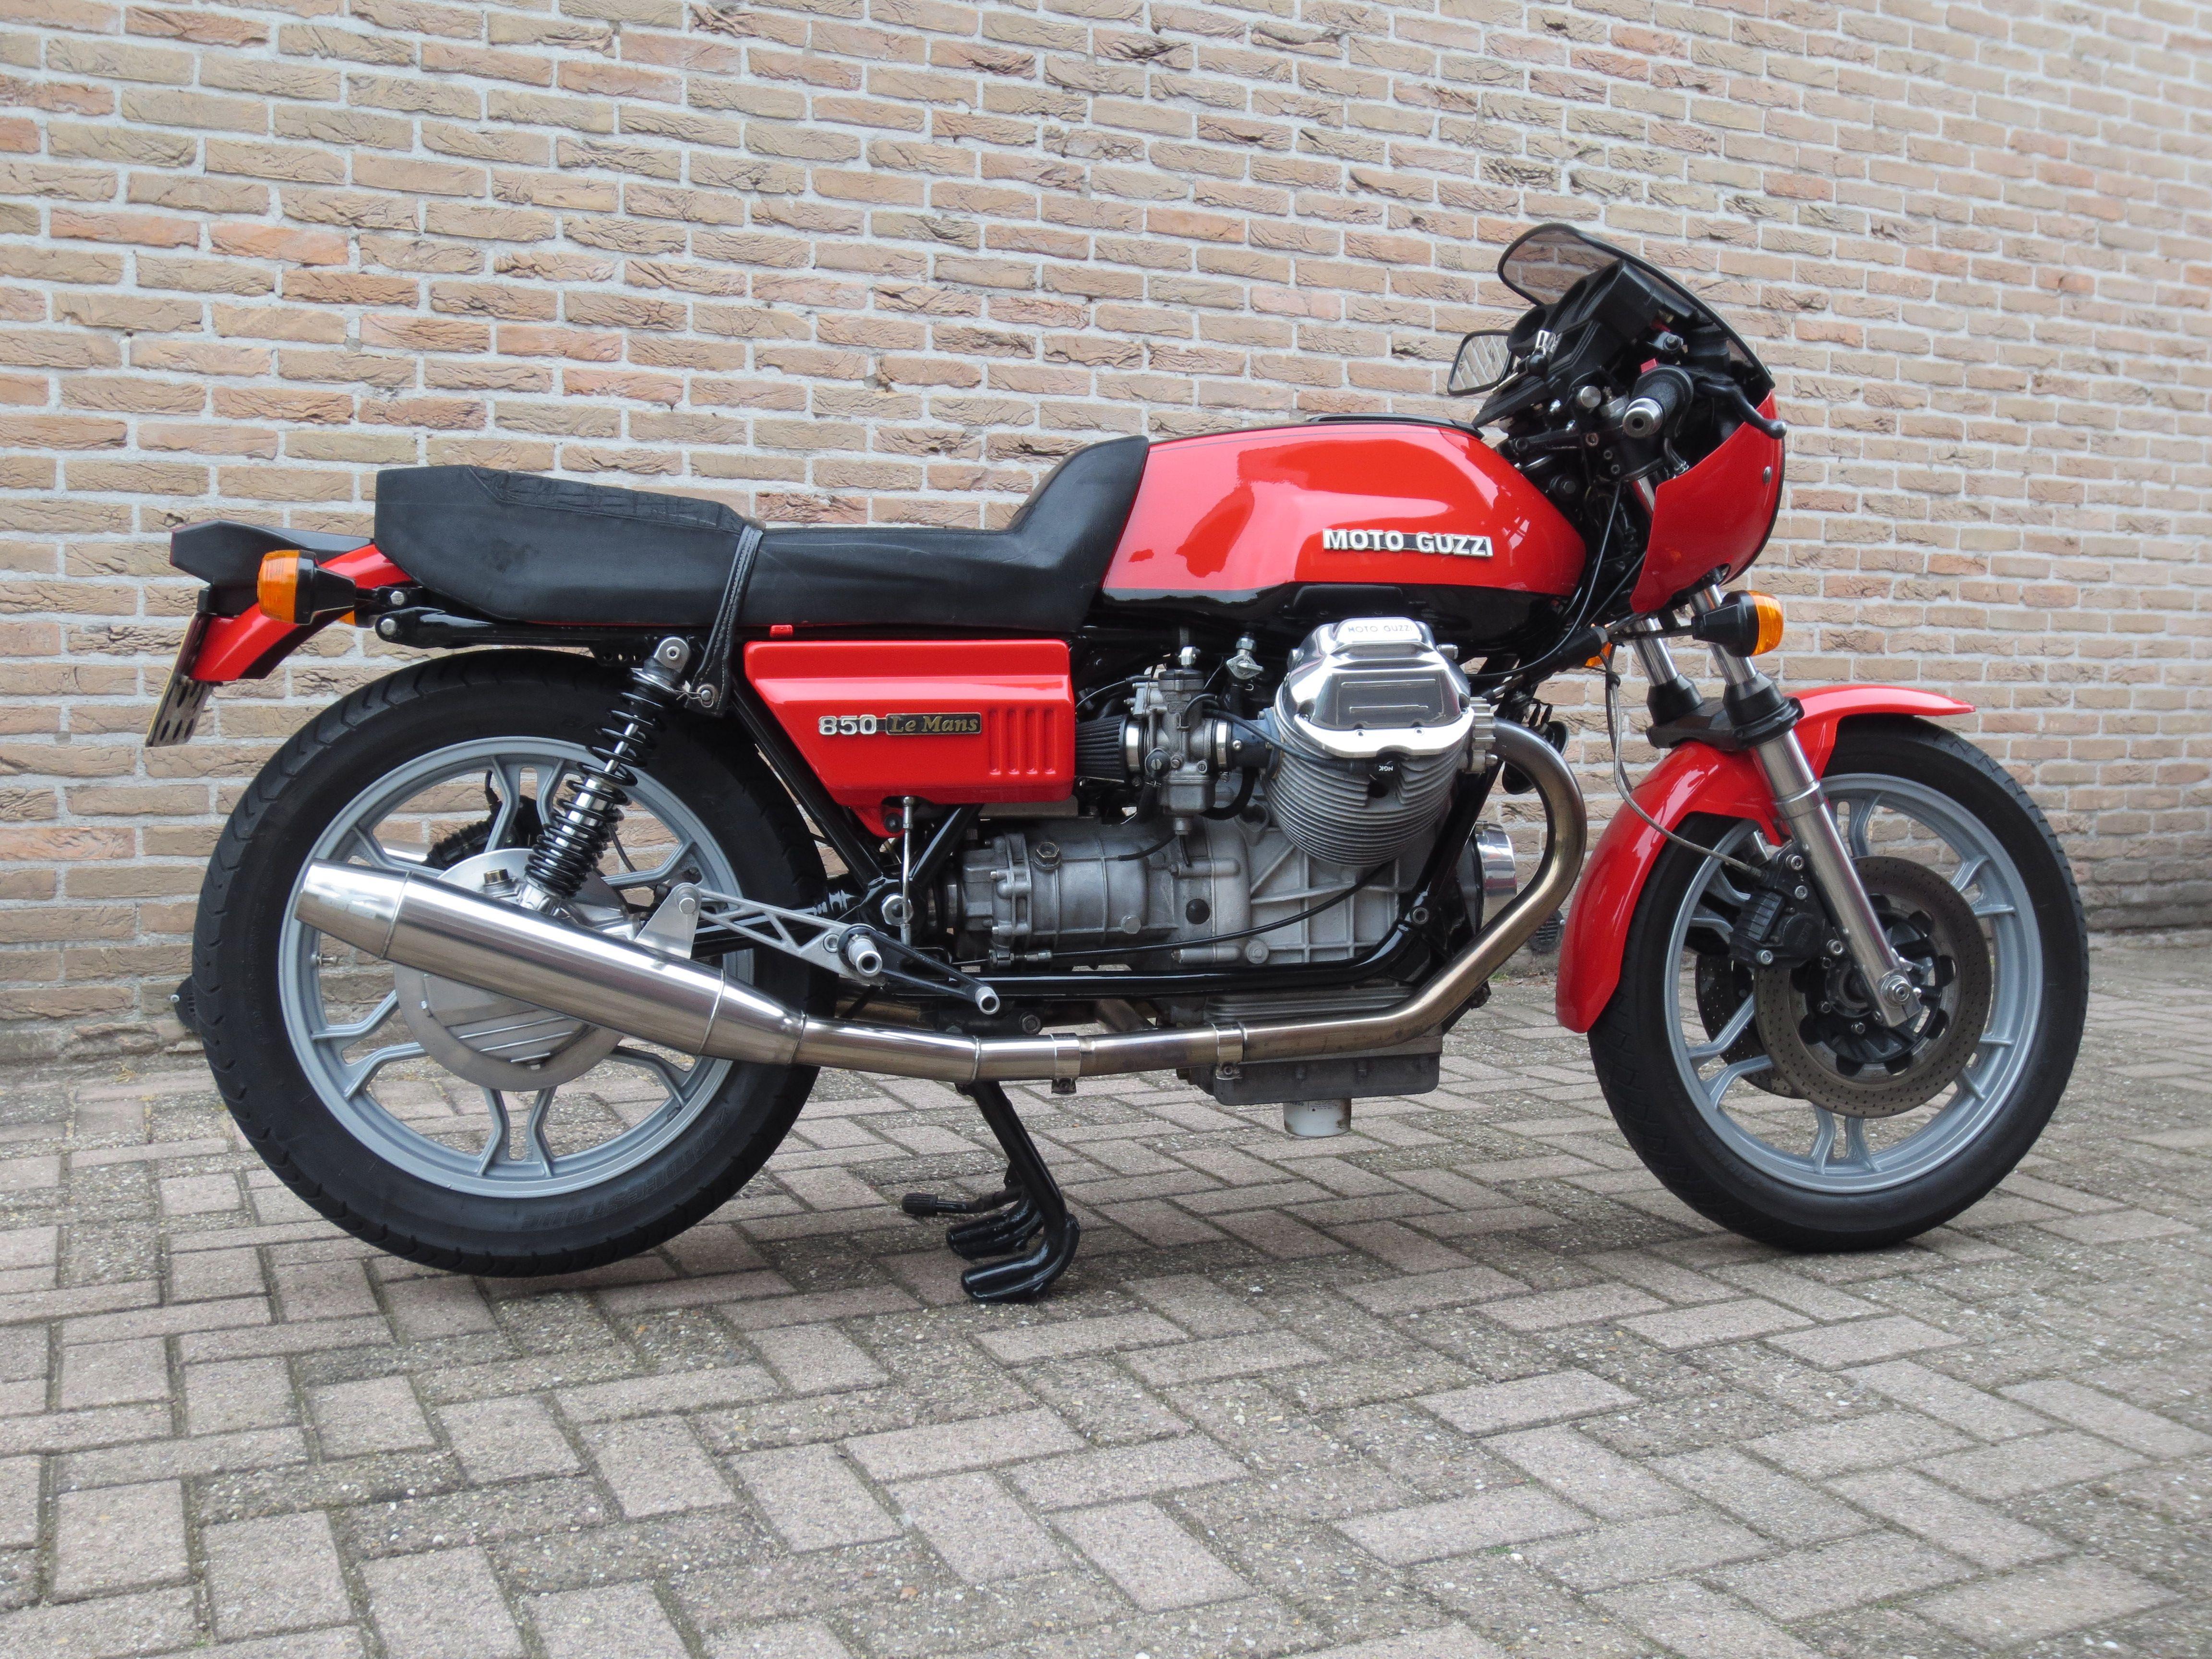 moto guzzi 850 le mans cafe racer pinterest italien classique italien et classique. Black Bedroom Furniture Sets. Home Design Ideas